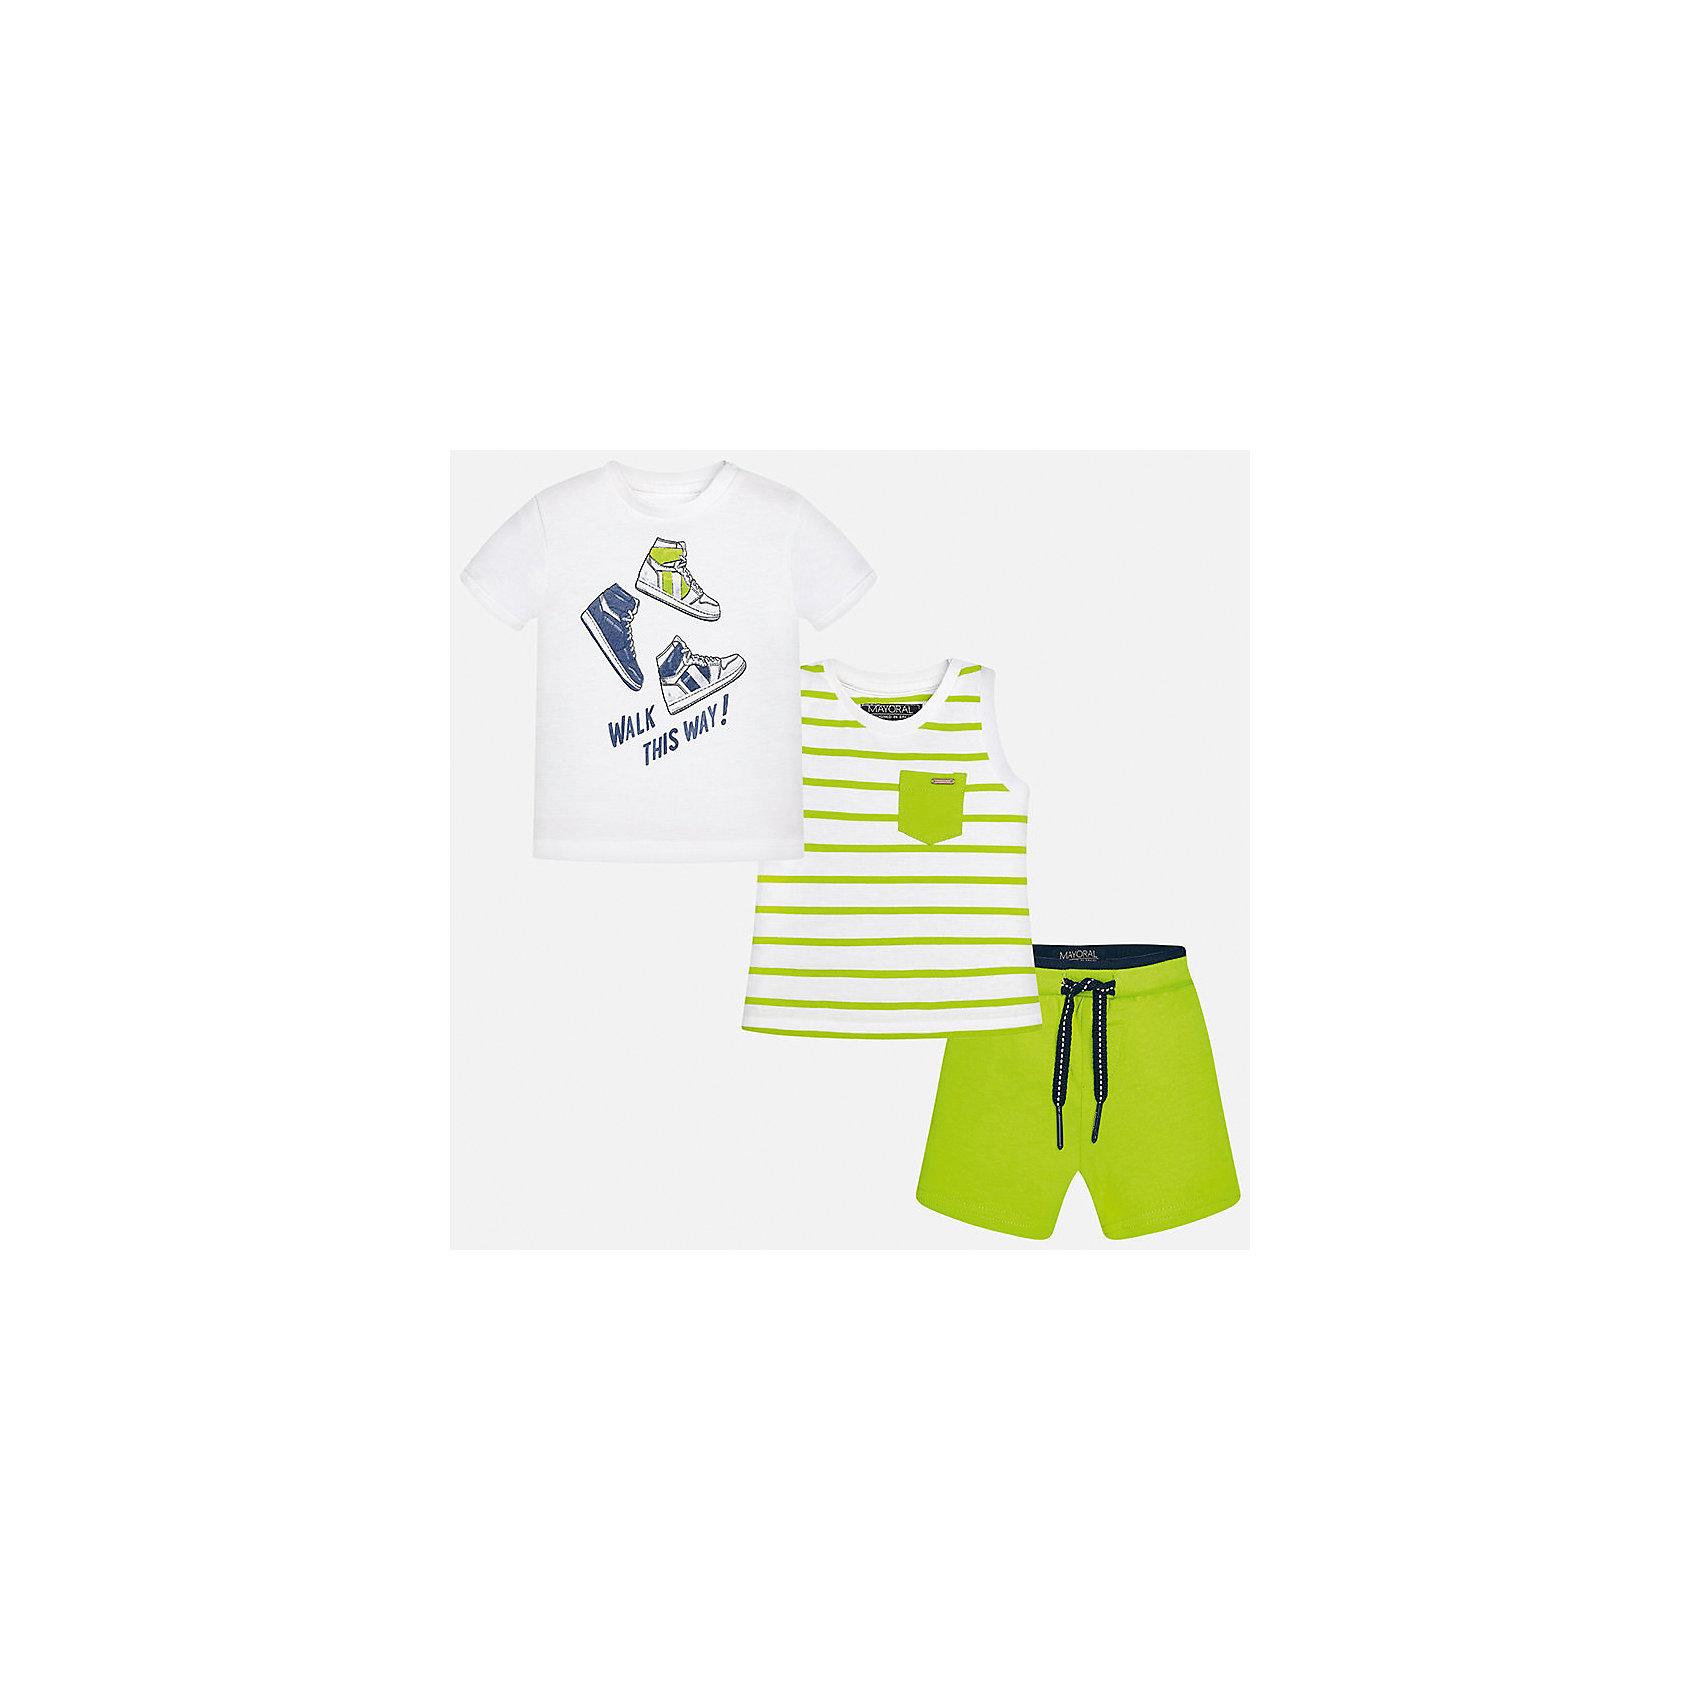 Комплект: футболка, майка и шорты для мальчика MayoralКомплекты<br>Характеристики товара:<br><br>• цвет: белый/зелёный<br>• состав: 100% хлопок<br>• комплектация: футболка, майка, шорты<br>• футболка декорирована принтом<br>• короткие рукава<br>• шорты однотонные<br>• в поясе шнурок<br>• страна бренда: Испания<br><br>Красивый качественный комплект для мальчика поможет разнообразить гардероб ребенка и удобно одеться в теплую погоду. Он отлично сочетается с другими предметами. Универсальный цвет позволяет подобрать к вещам верхнюю одежду практически любой расцветки. Интересная отделка модели делает её нарядной и оригинальной. В составе материала - только натуральный хлопок, гипоаллергенный, приятный на ощупь, дышащий.<br><br>Одежда, обувь и аксессуары от испанского бренда Mayoral полюбились детям и взрослым по всему миру. Модели этой марки - стильные и удобные. Для их производства используются только безопасные, качественные материалы и фурнитура. Порадуйте ребенка модными и красивыми вещами от Mayoral! <br><br>Комплект для мальчика от испанского бренда Mayoral (Майорал) можно купить в нашем интернет-магазине.<br><br>Ширина мм: 157<br>Глубина мм: 13<br>Высота мм: 119<br>Вес г: 200<br>Цвет: зеленый<br>Возраст от месяцев: 12<br>Возраст до месяцев: 15<br>Пол: Мужской<br>Возраст: Детский<br>Размер: 80,92,86<br>SKU: 5279681